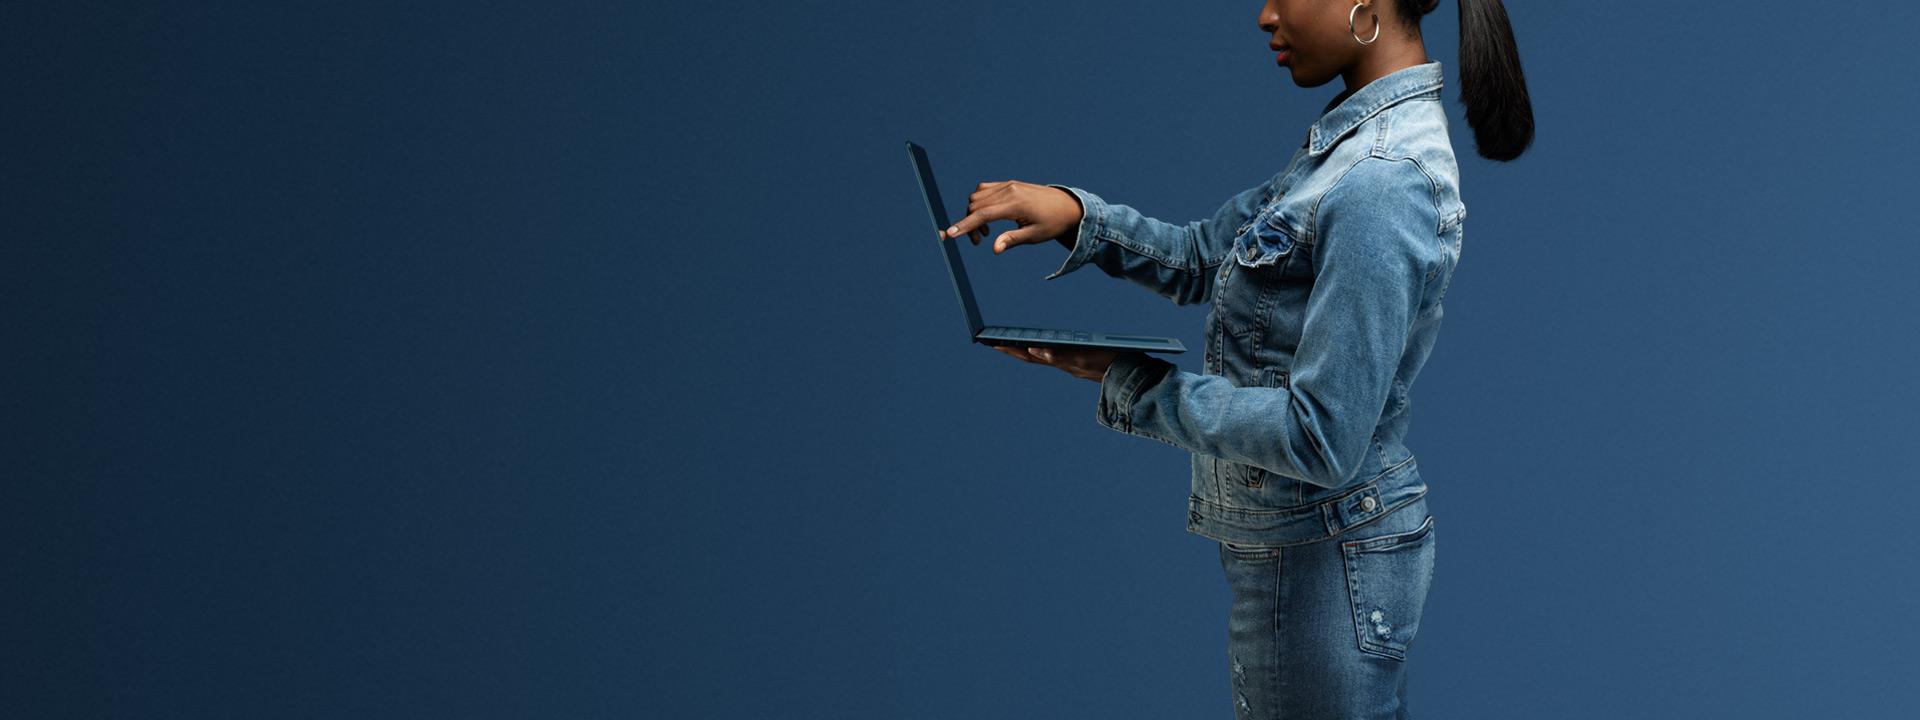 Une fille tient un Surface Laptop2 tout en touchant l'écran